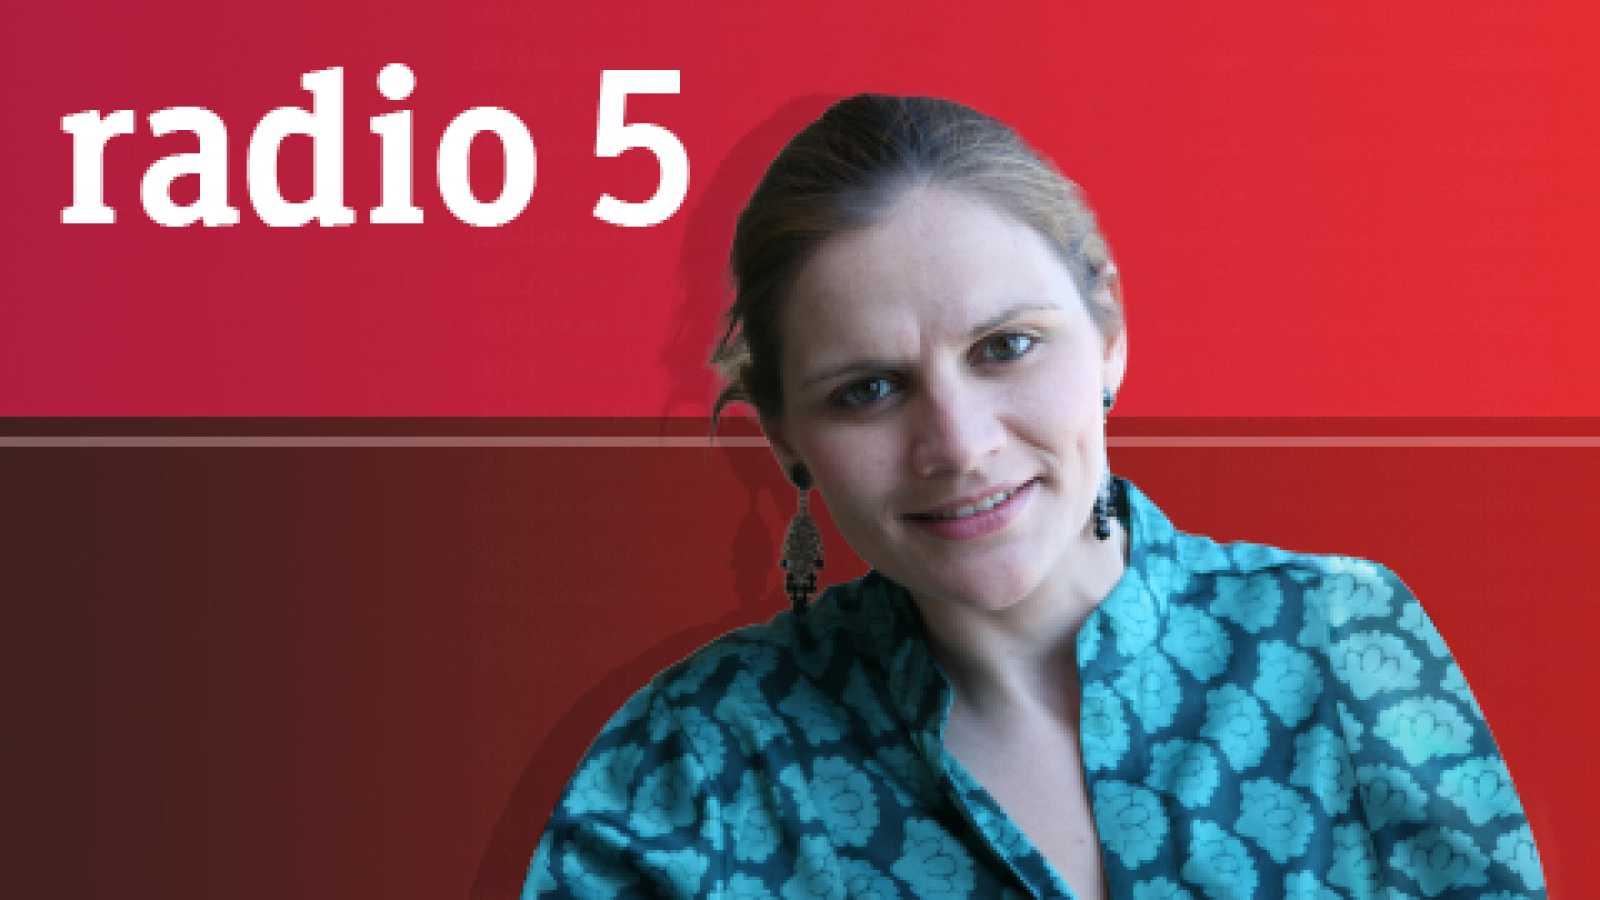 Diccionario económico - Marxismo - 23/06/19 - escuchar ahora